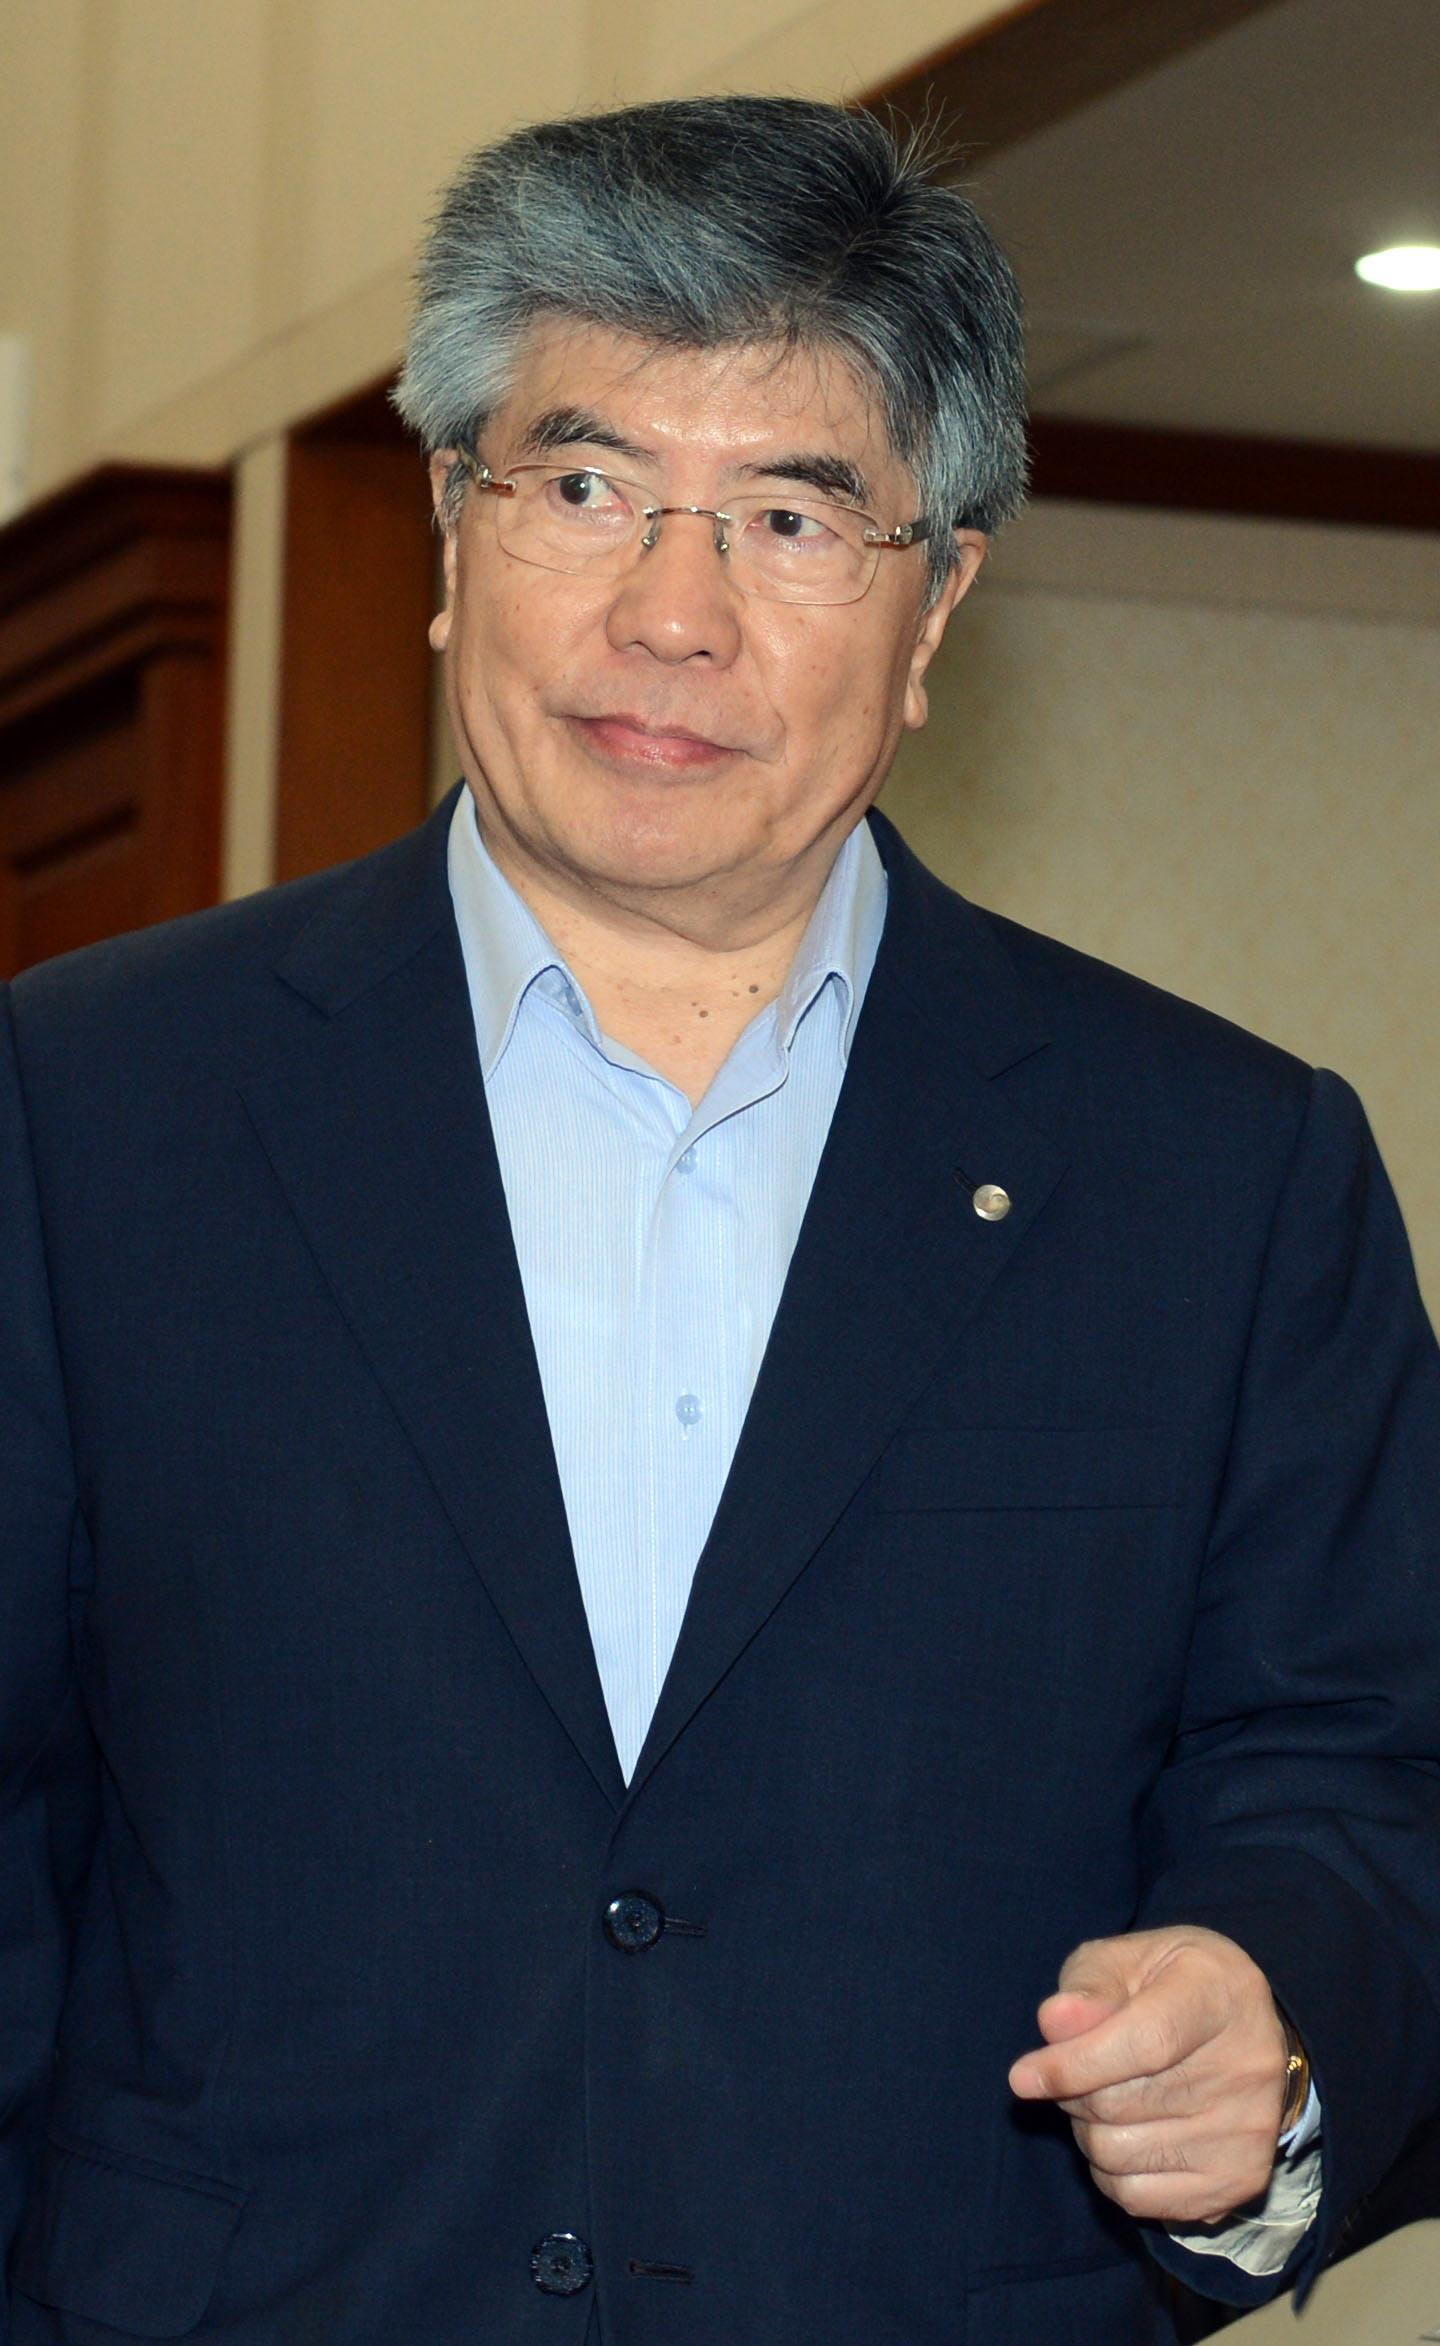 金仲秀(キム・ジュンス)韓国銀行(韓銀)総裁。